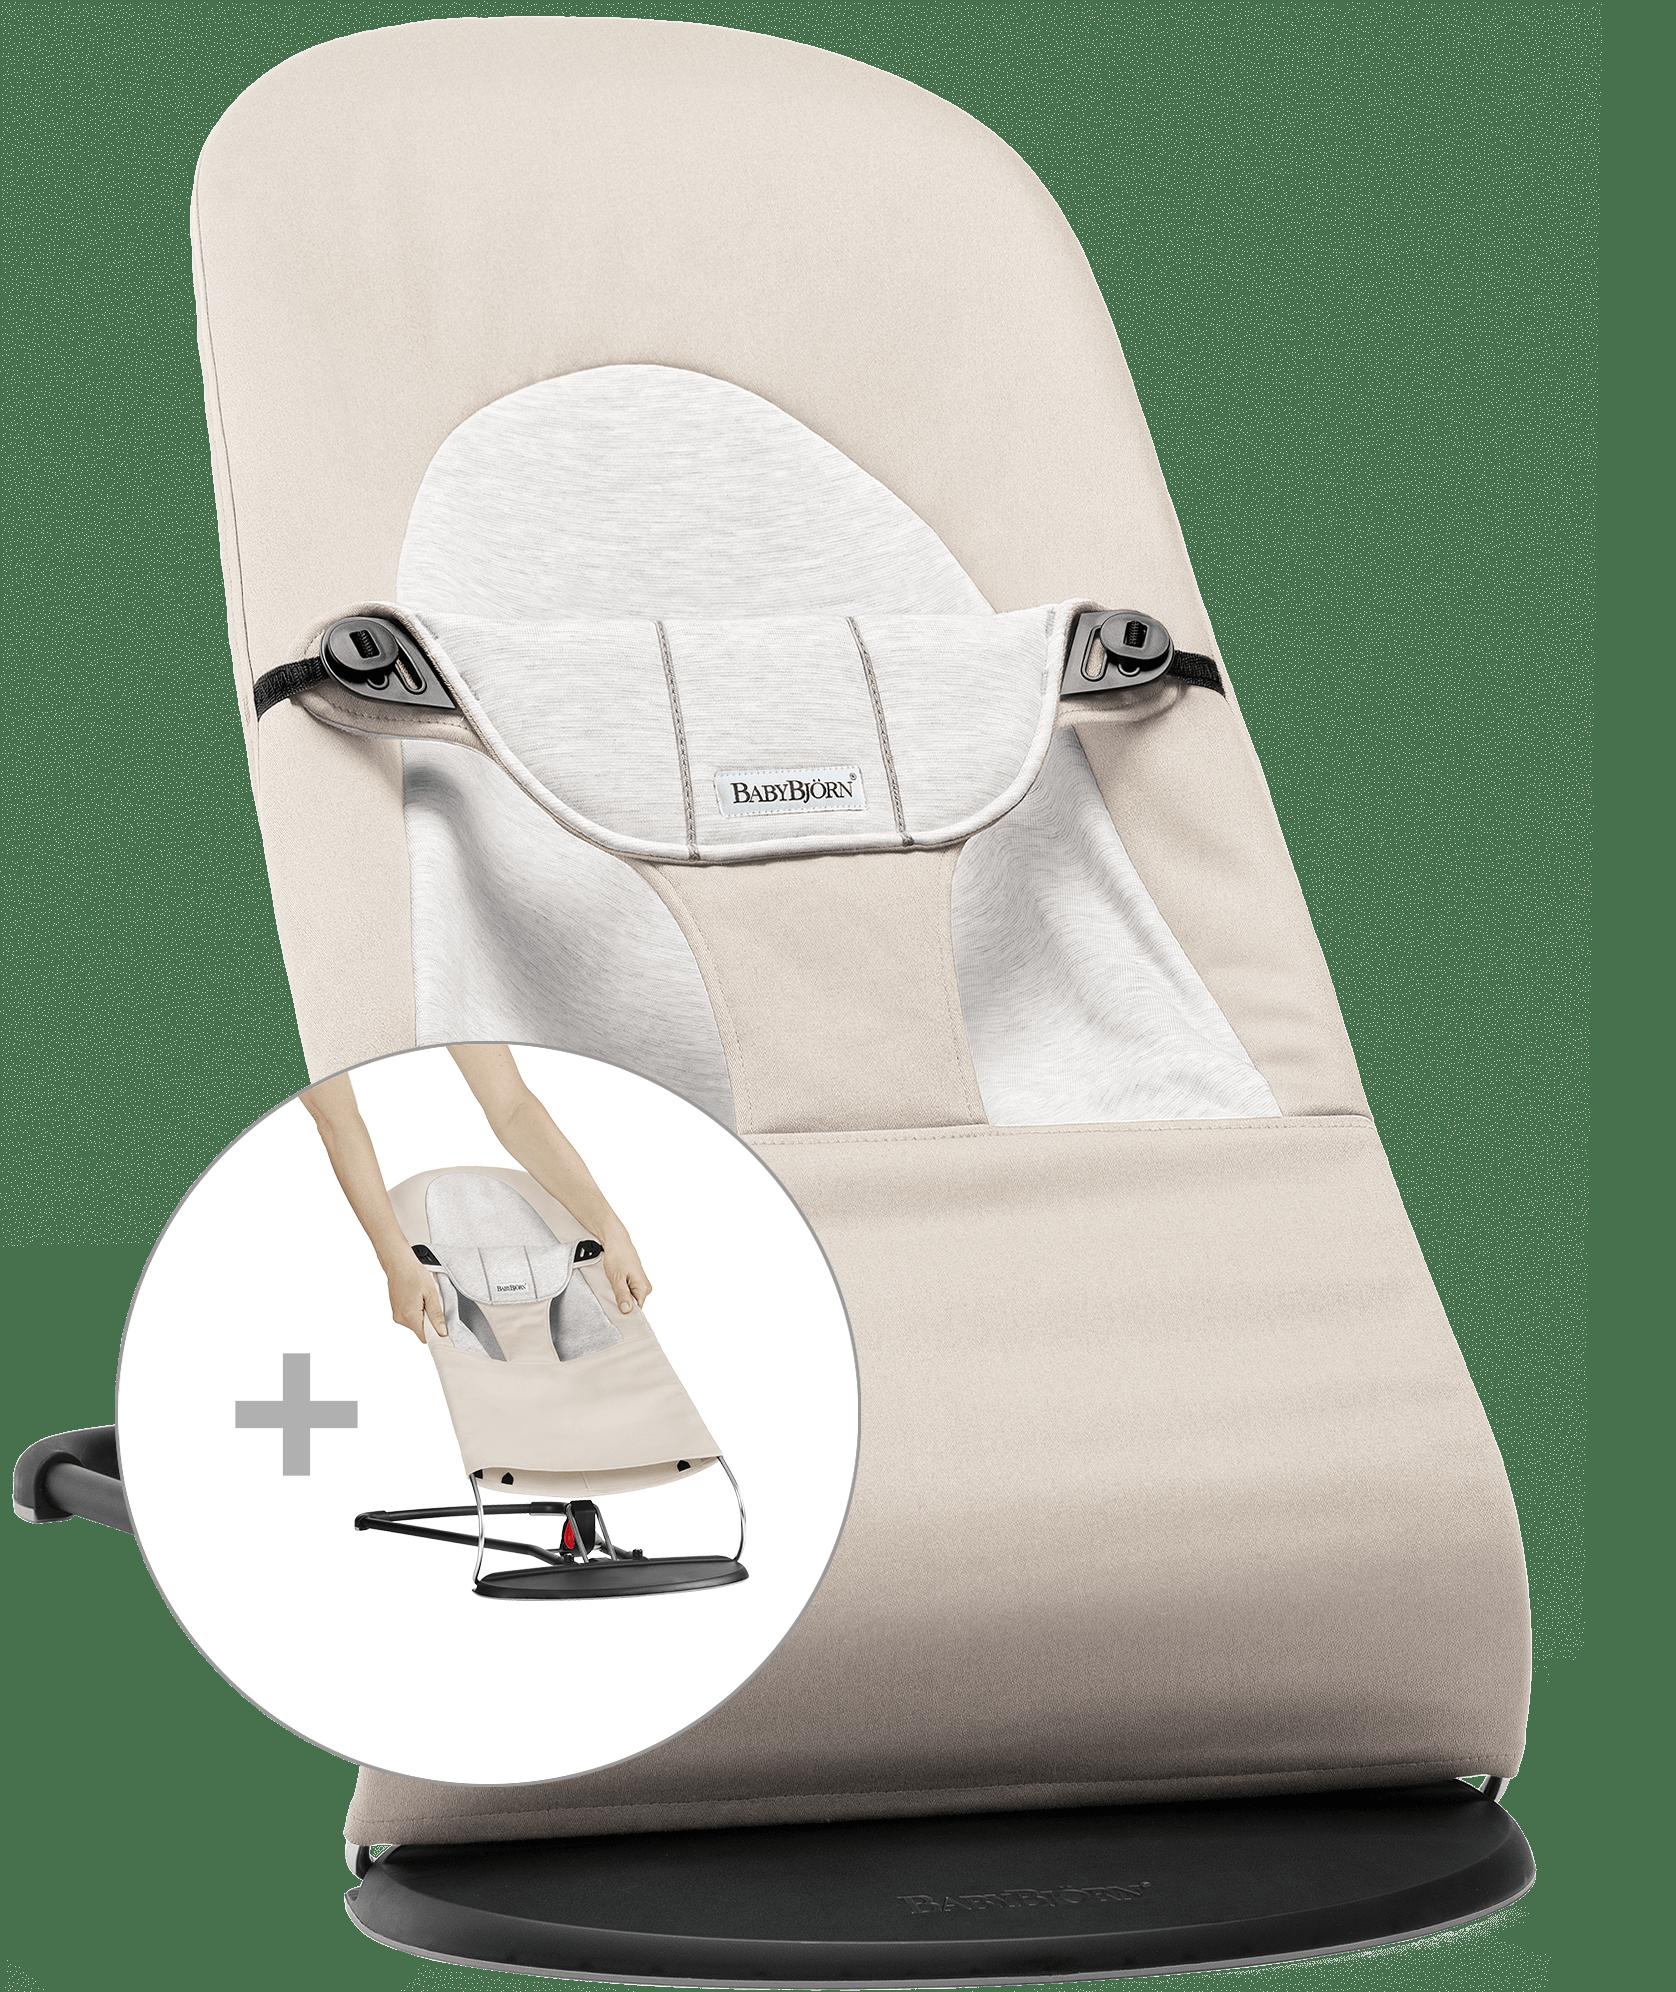 BABYBJÖRN Babywippe mit zusätzlichem Stoffsitz - Beige/Grau, Baumwolle/Jersey